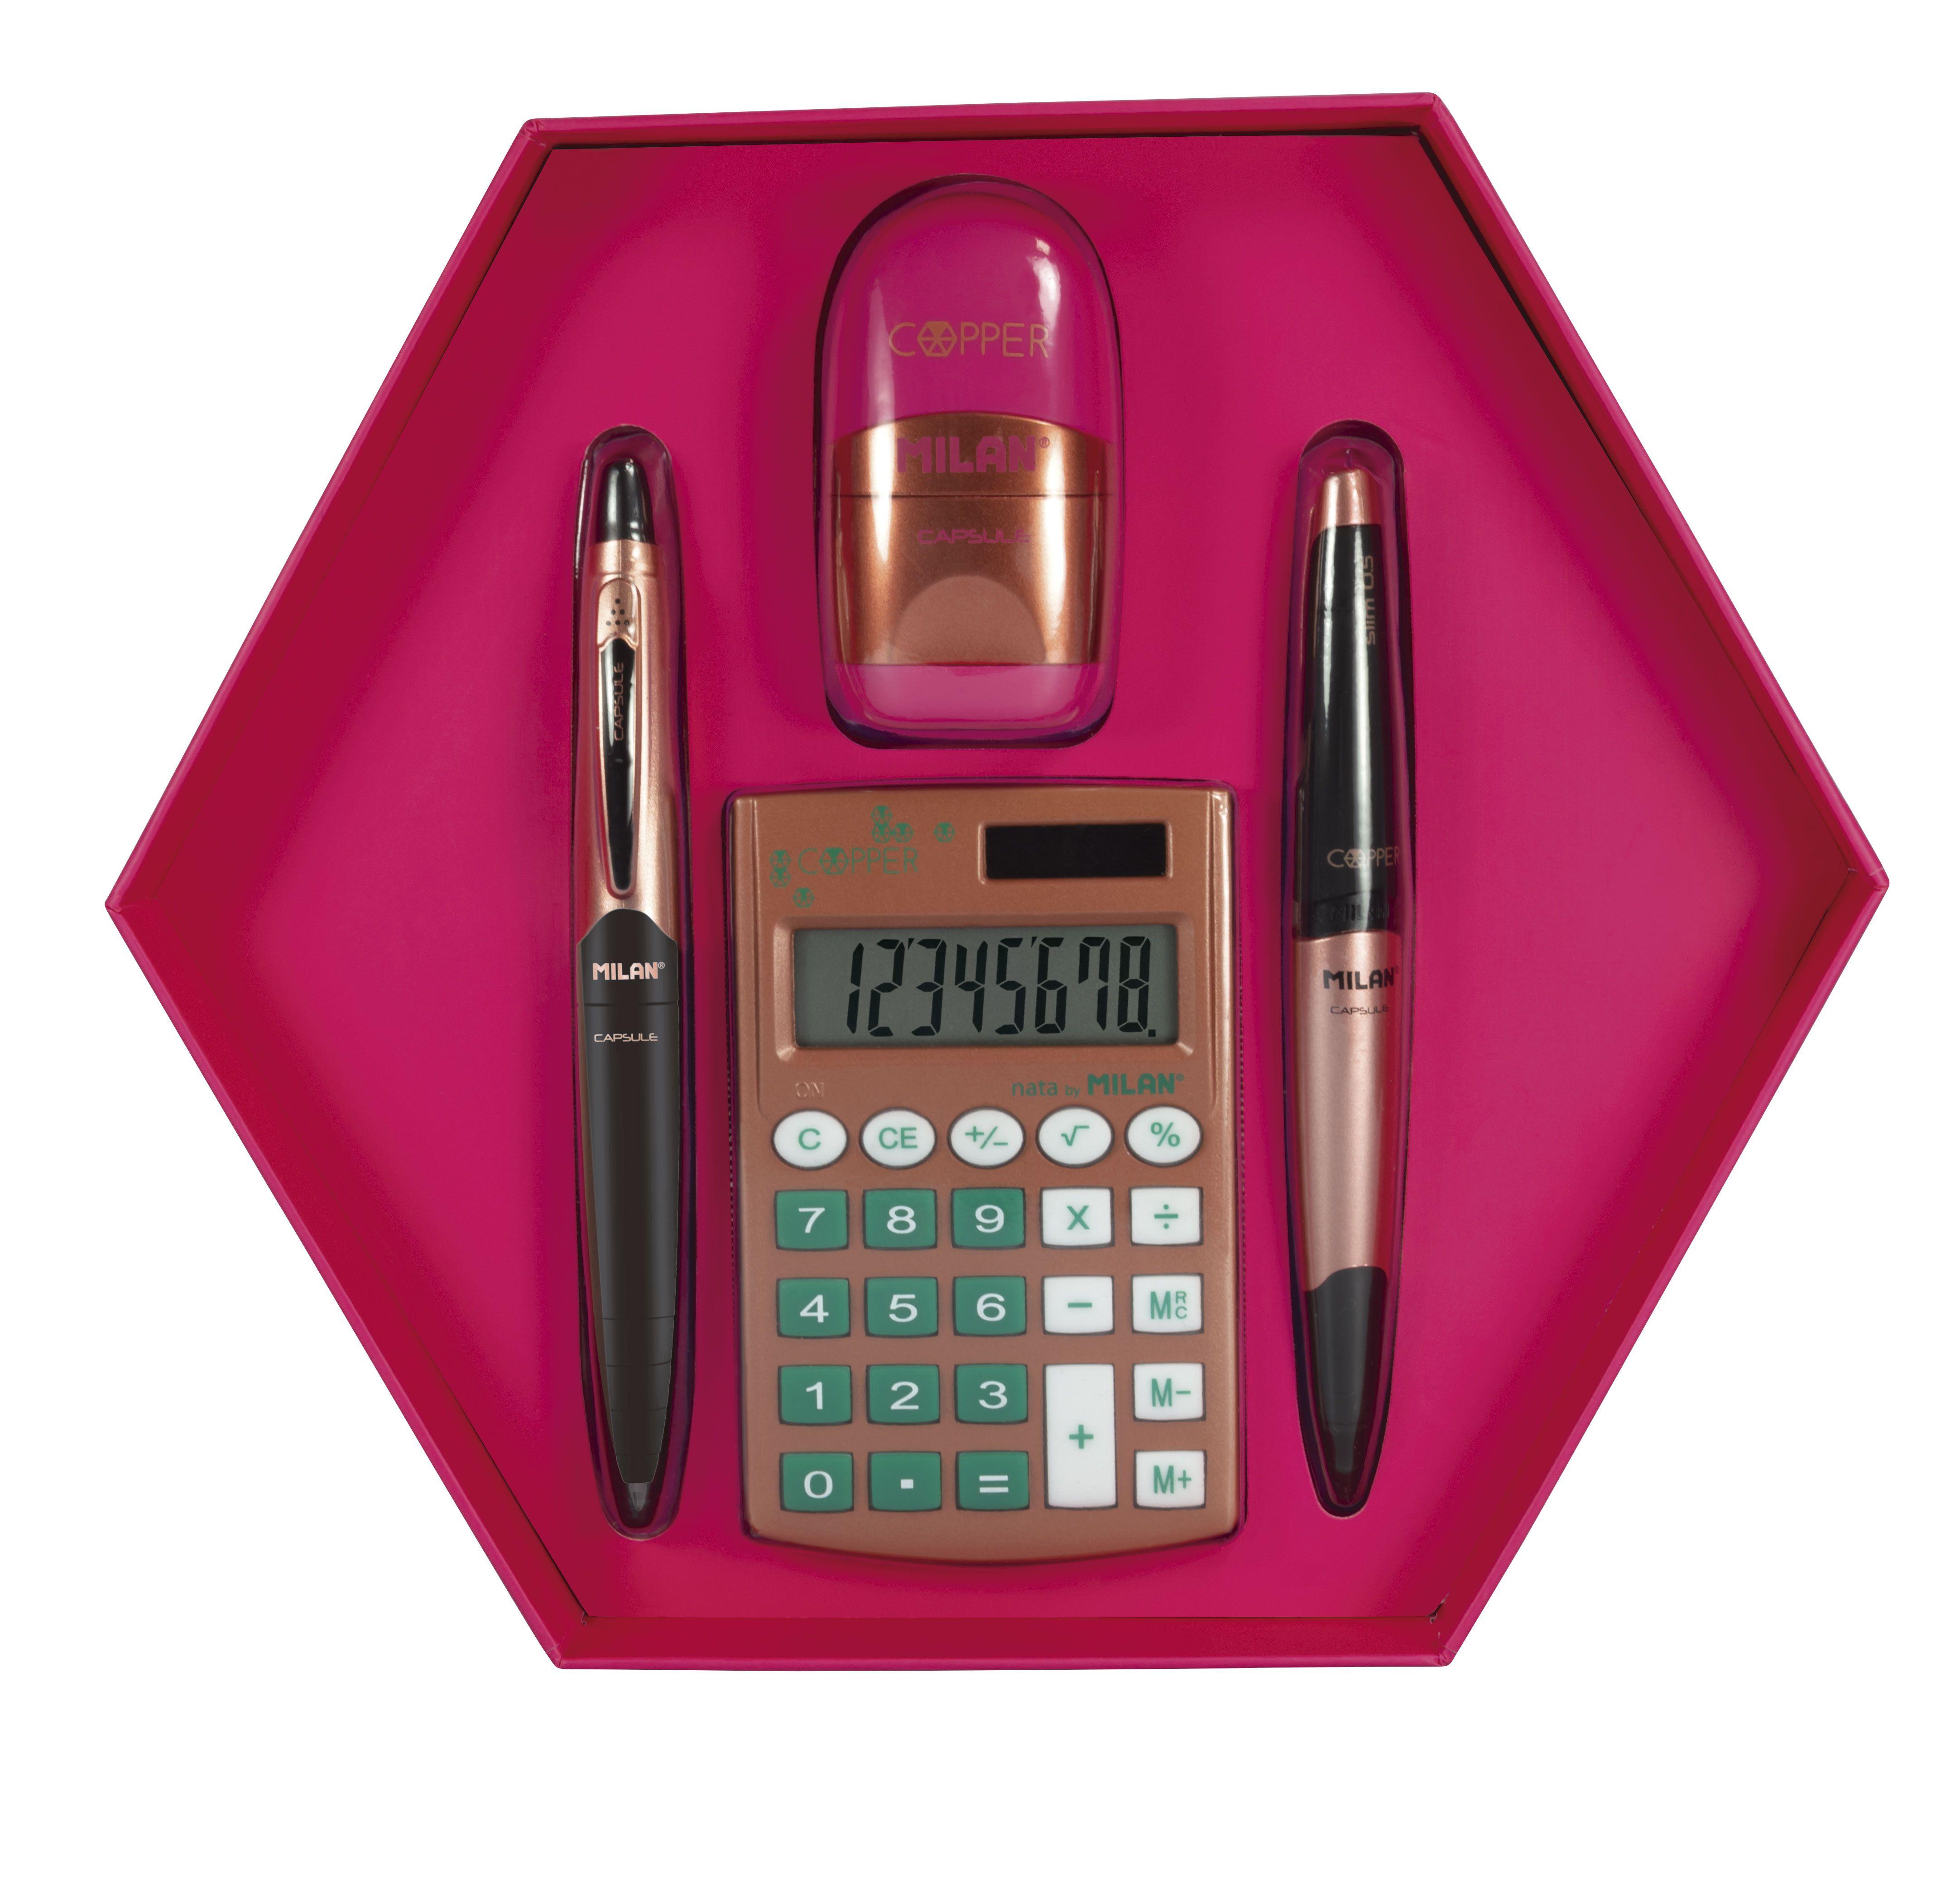 cb1c0688494 Caja de regalo hexagonal de productos MILAN , bolígrafo, portaminas,  afilaborra y calculadora puedes